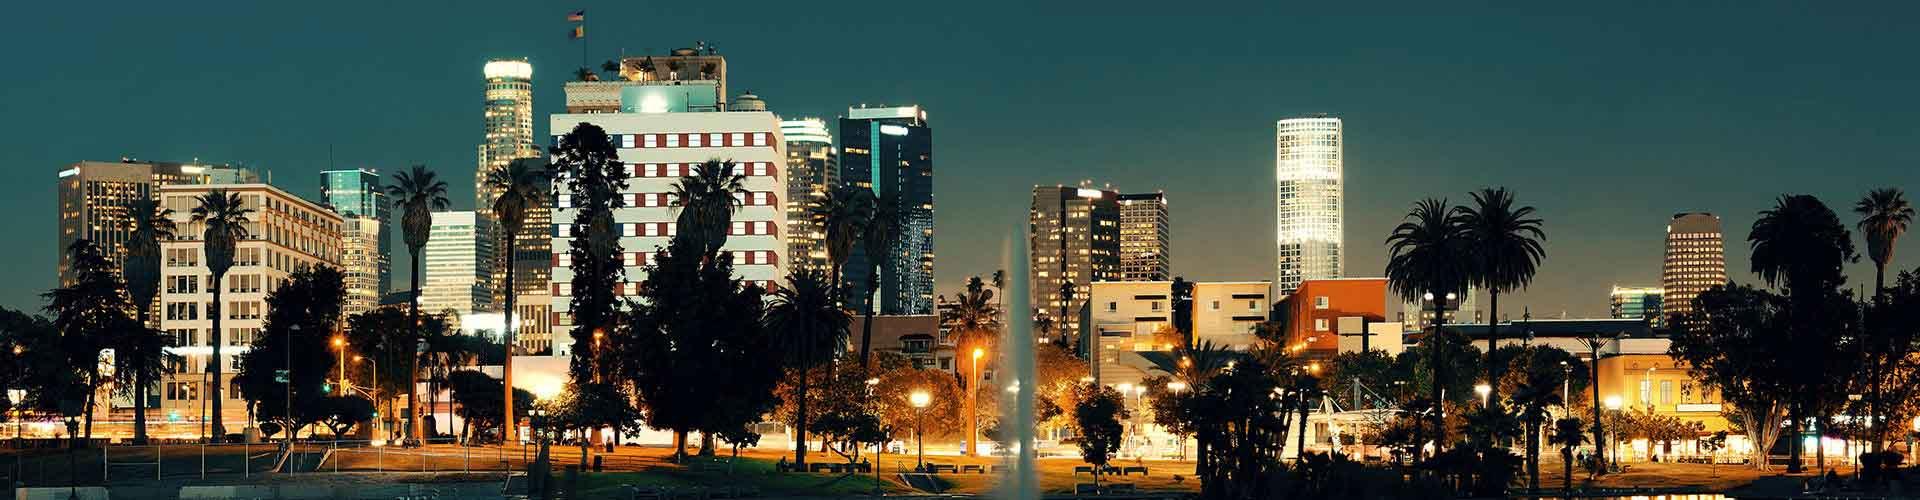 Los Angeles - Hostele w mieście: Los Angeles, Mapy: Los Angeles, Zdjęcia i Recenzje dla każdego hostelu w mieście Los Angeles.